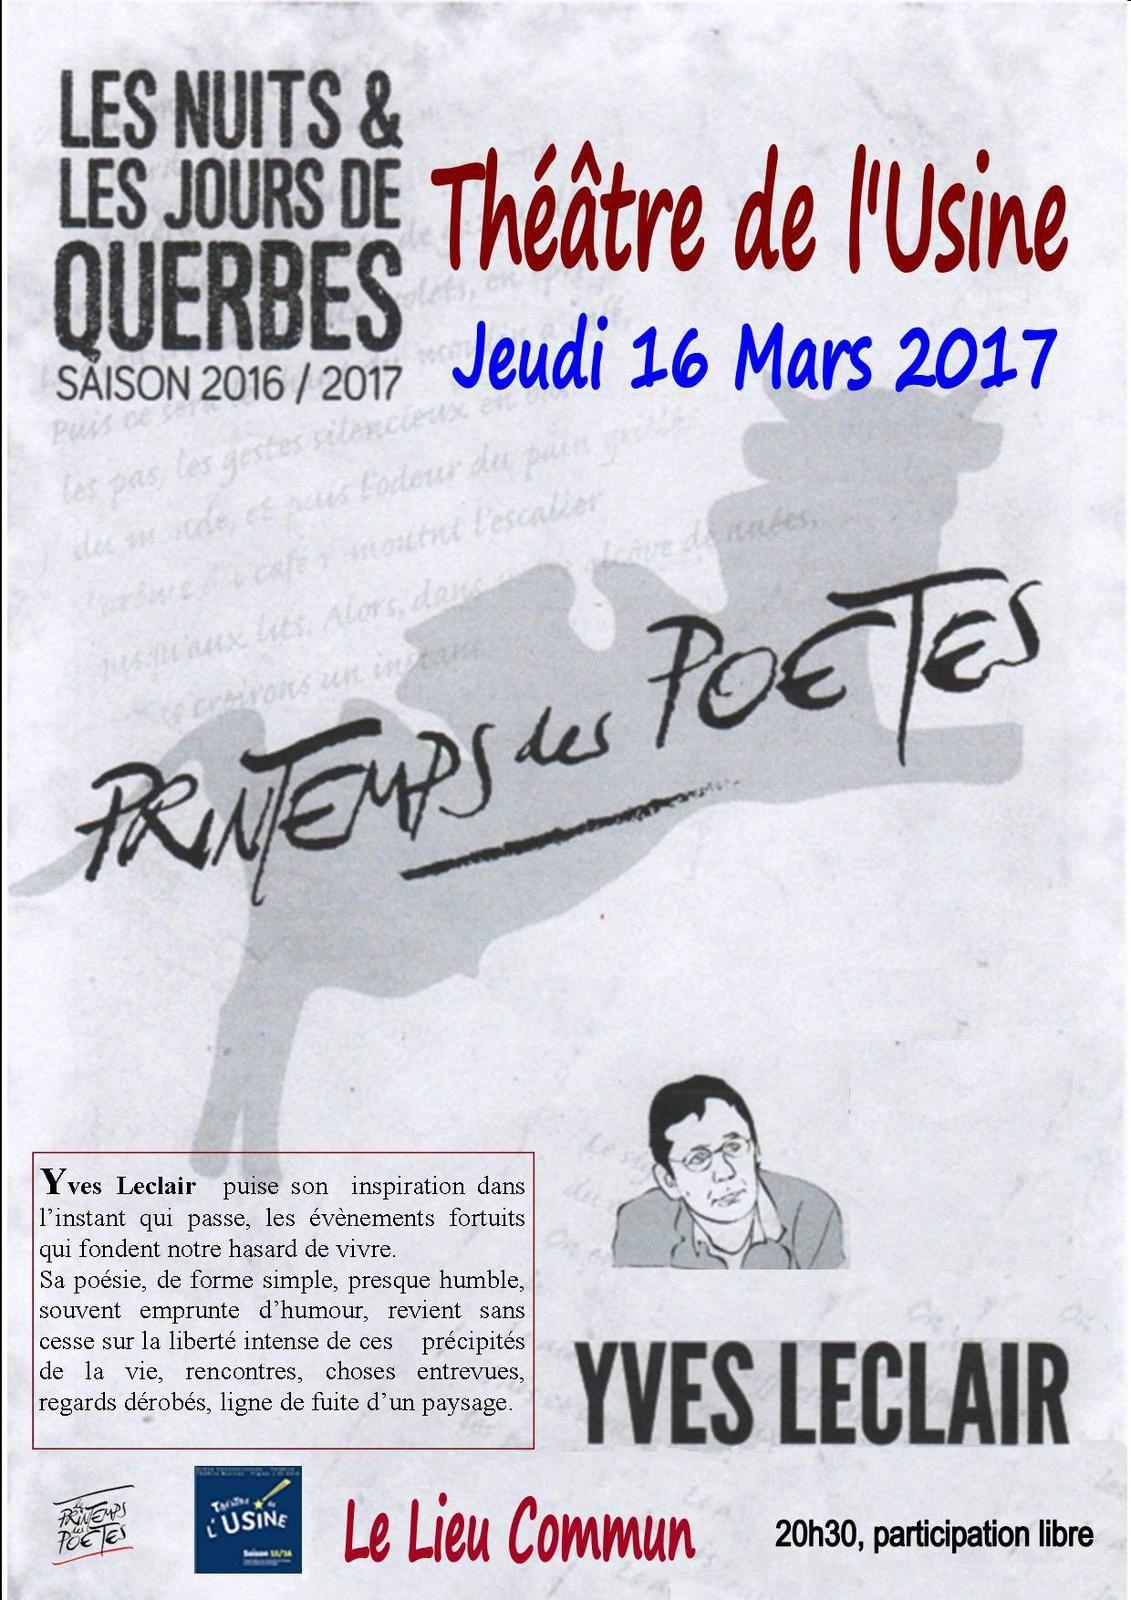 Partenariat avec Les Jours et les Nuits de Querbes, avec le Théâtre de l'Usine pour le Printemps des Poètes detes à retenir!